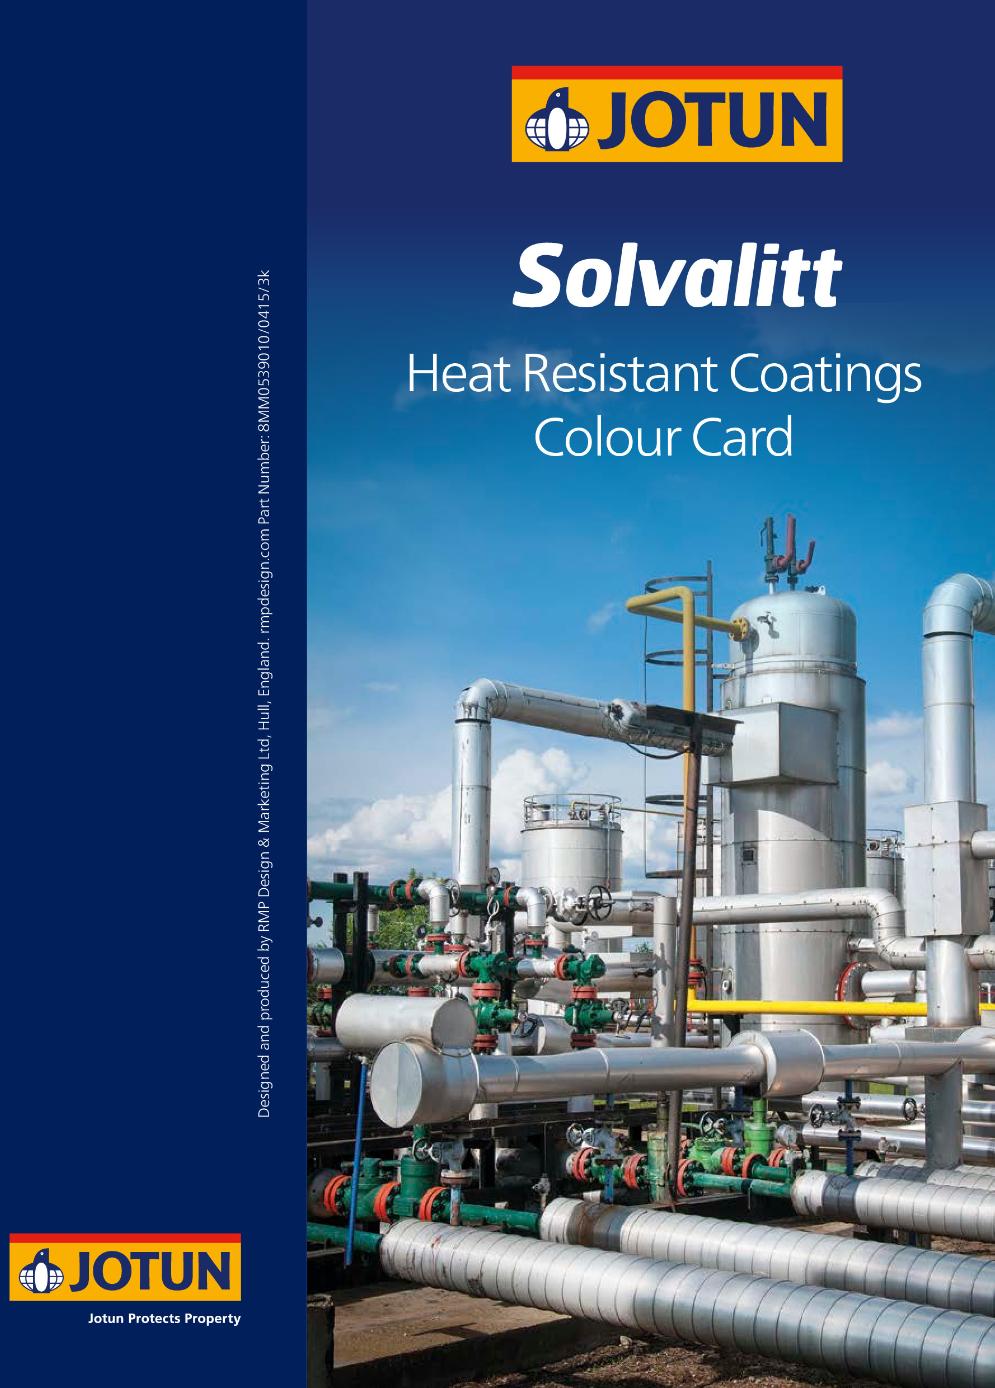 Solvalitt heat